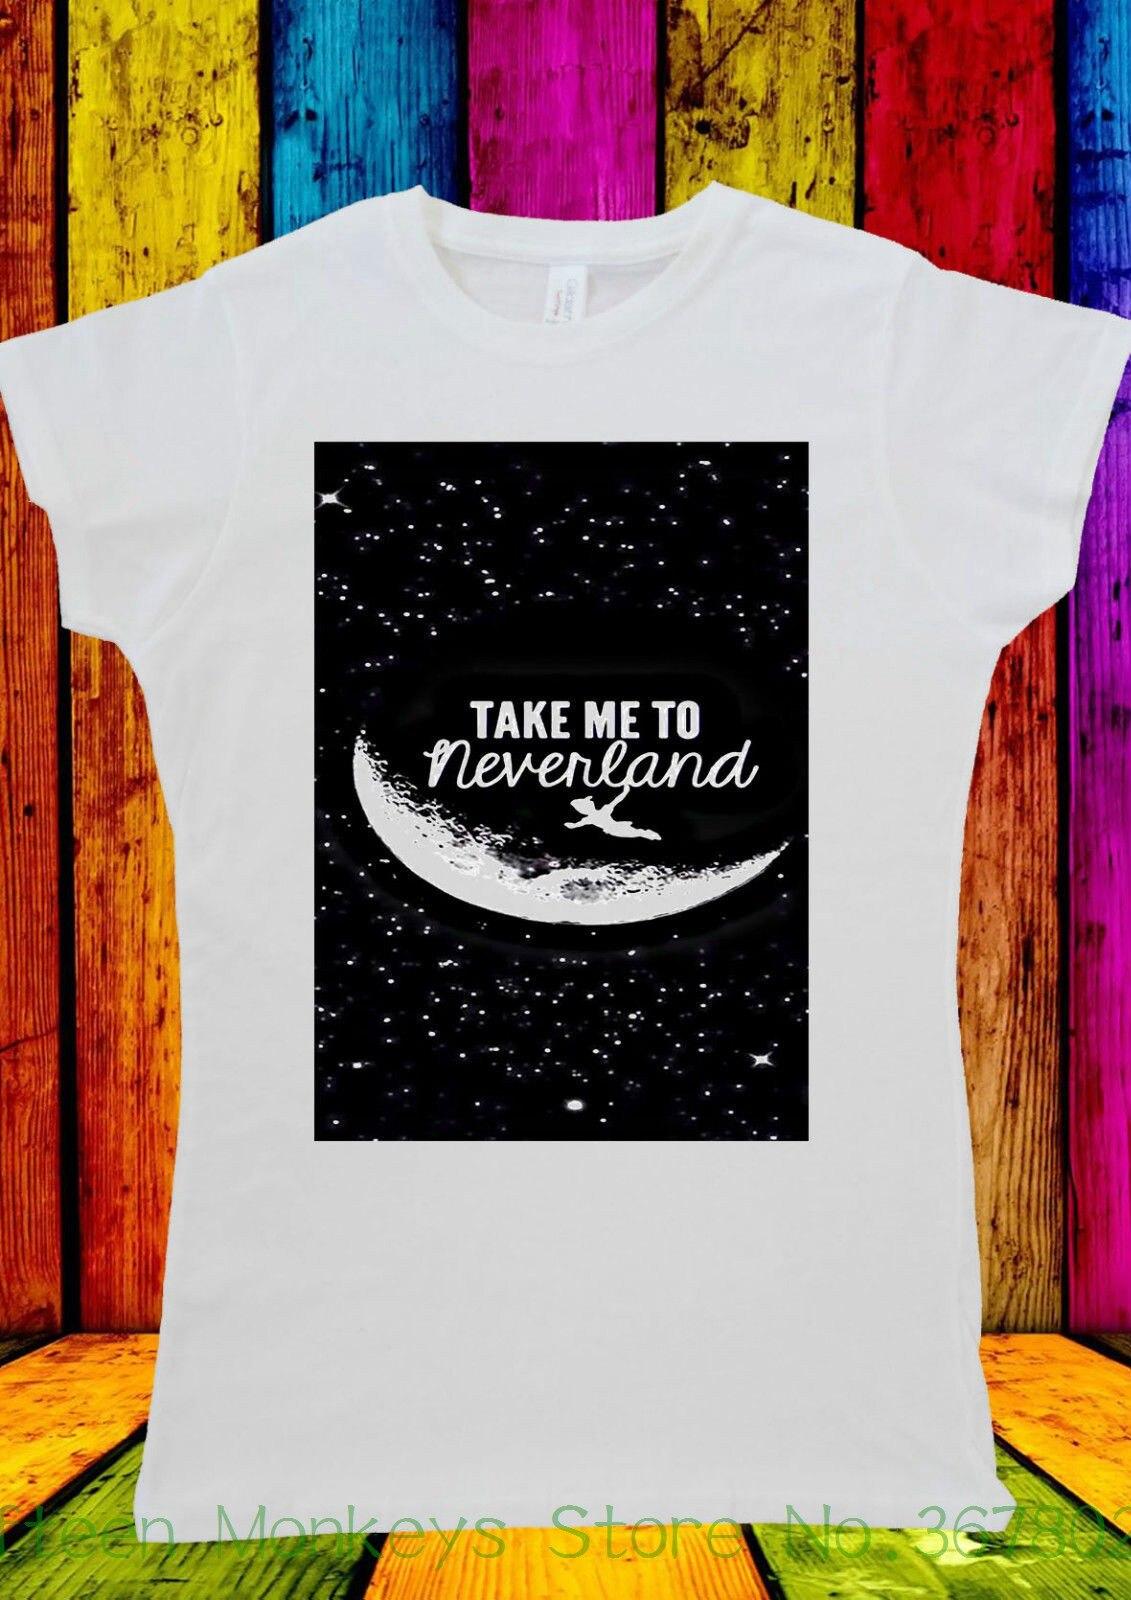 Womens Tee Peter Pan Neverland Star Quotes T-shirt Men Women Unisex 332 European Style Hip Hop S - Xl